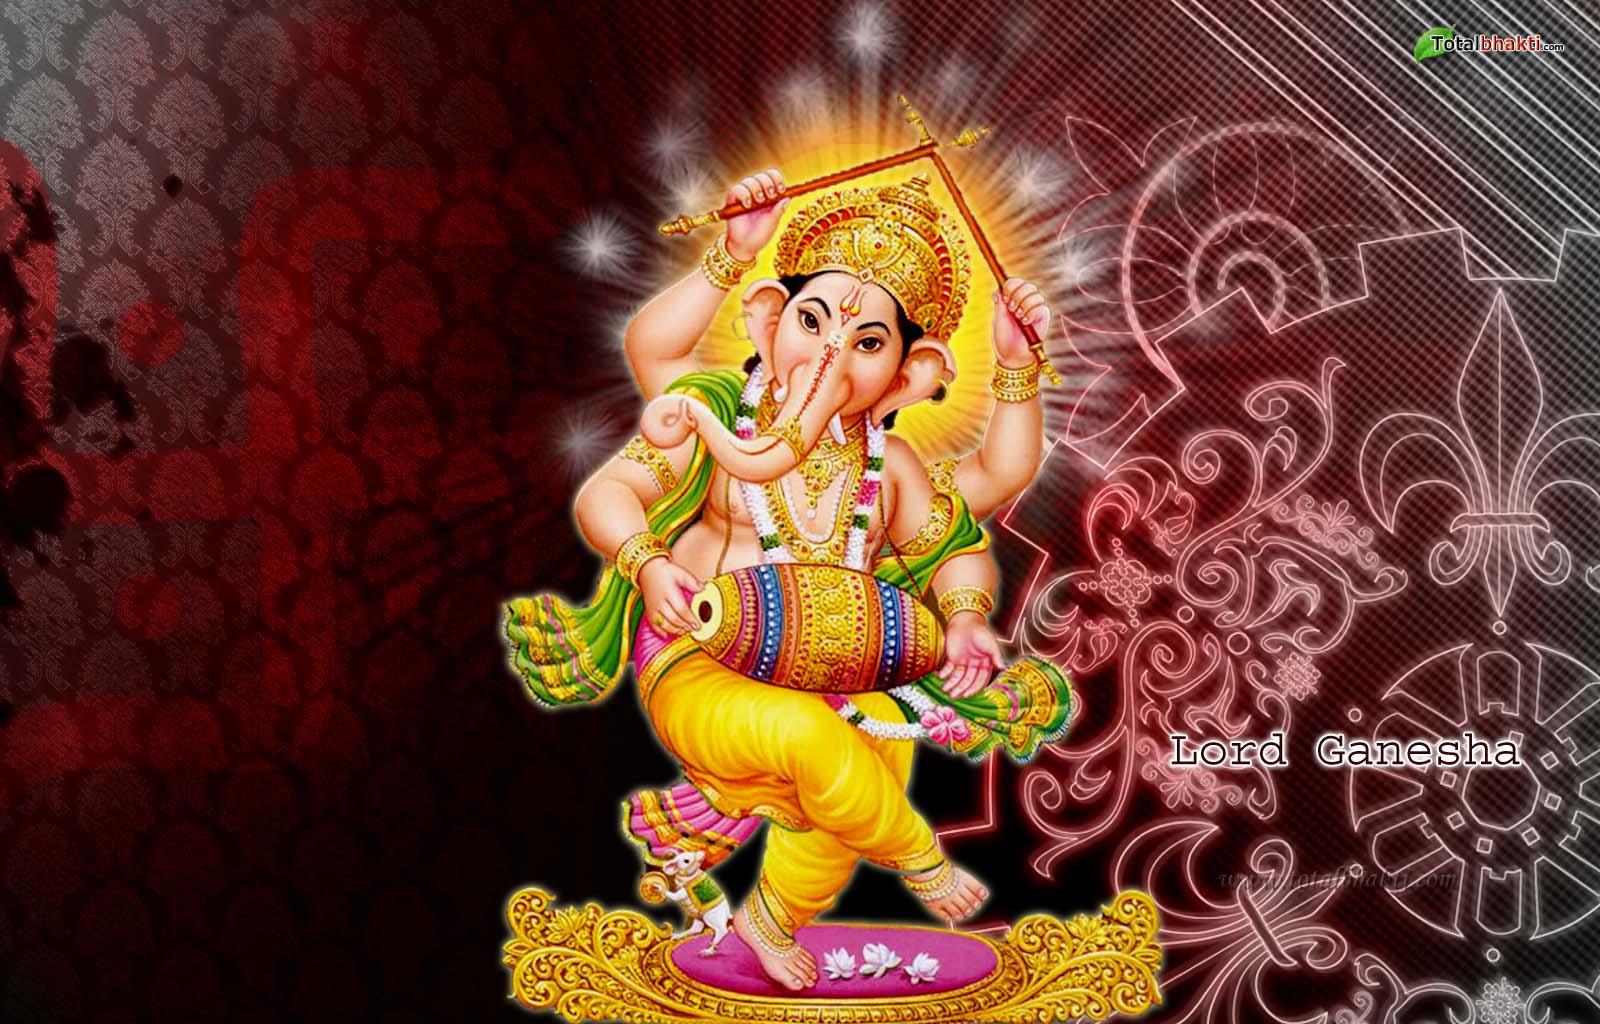 http://3.bp.blogspot.com/-hDta-rxRgcE/TrLQ1KV-ulI/AAAAAAAAB5I/6X3j0U80Q-4/s1600/Lord-Ganesh-Dancing.jpg